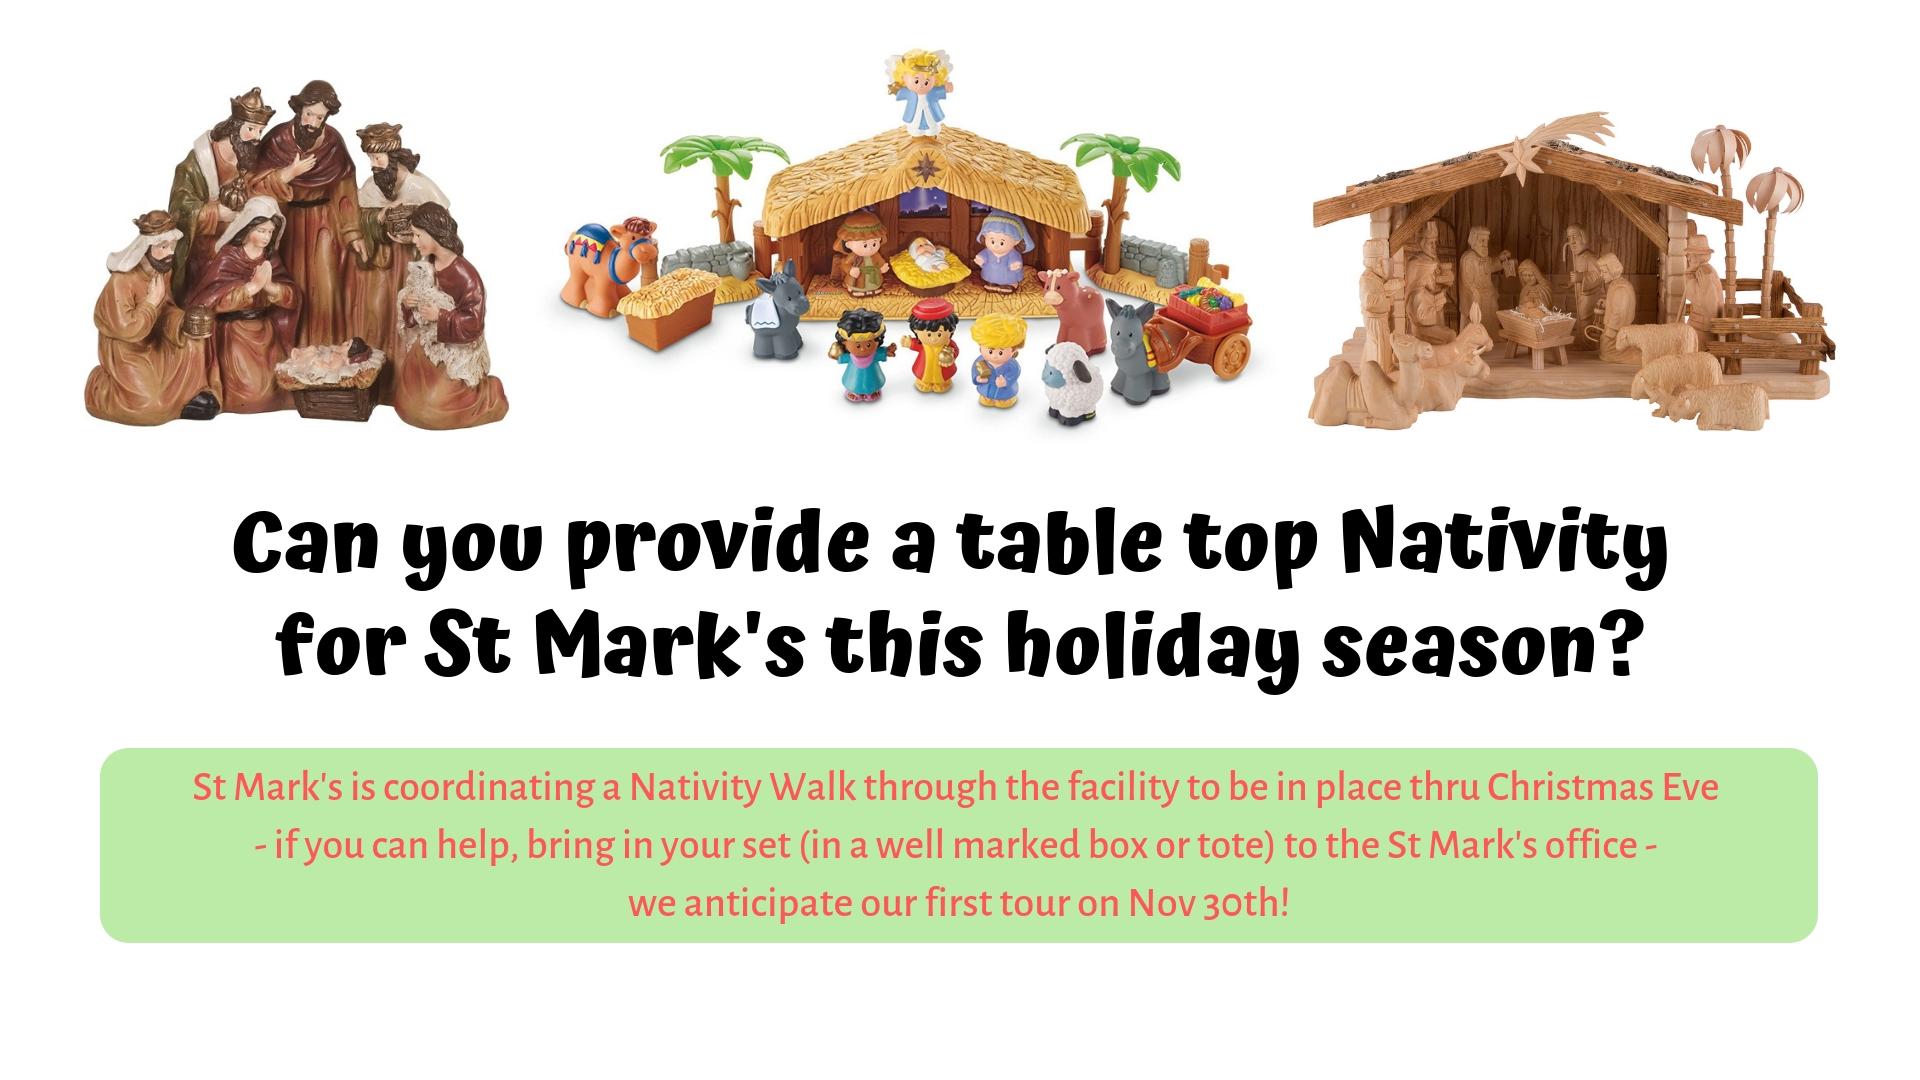 181125-NativityWalk-Request.jpg